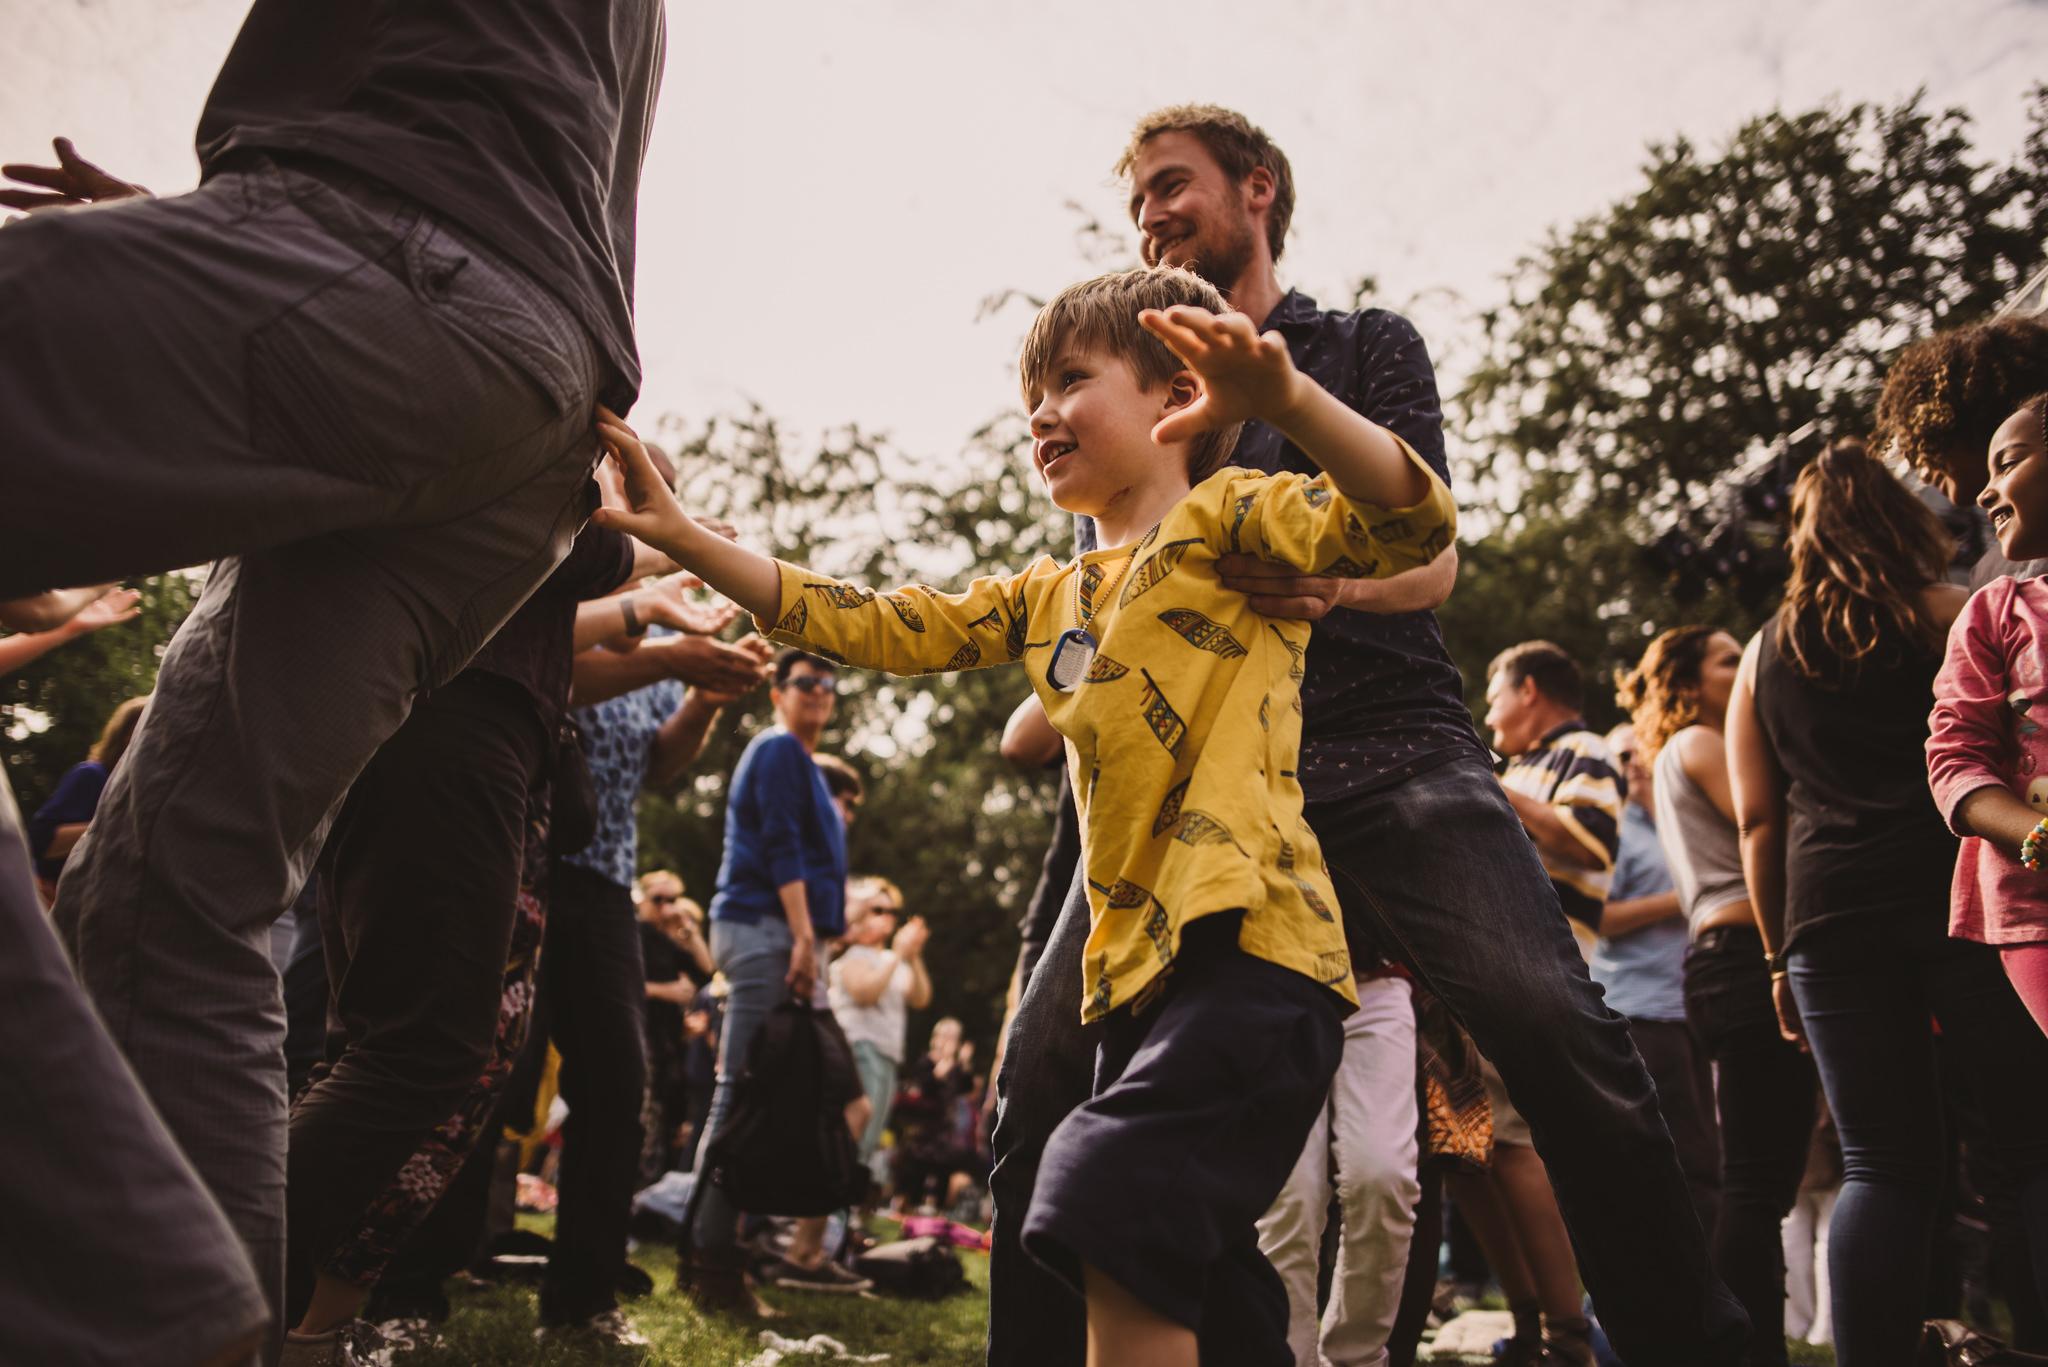 houtfestival-blog-4608.jpg